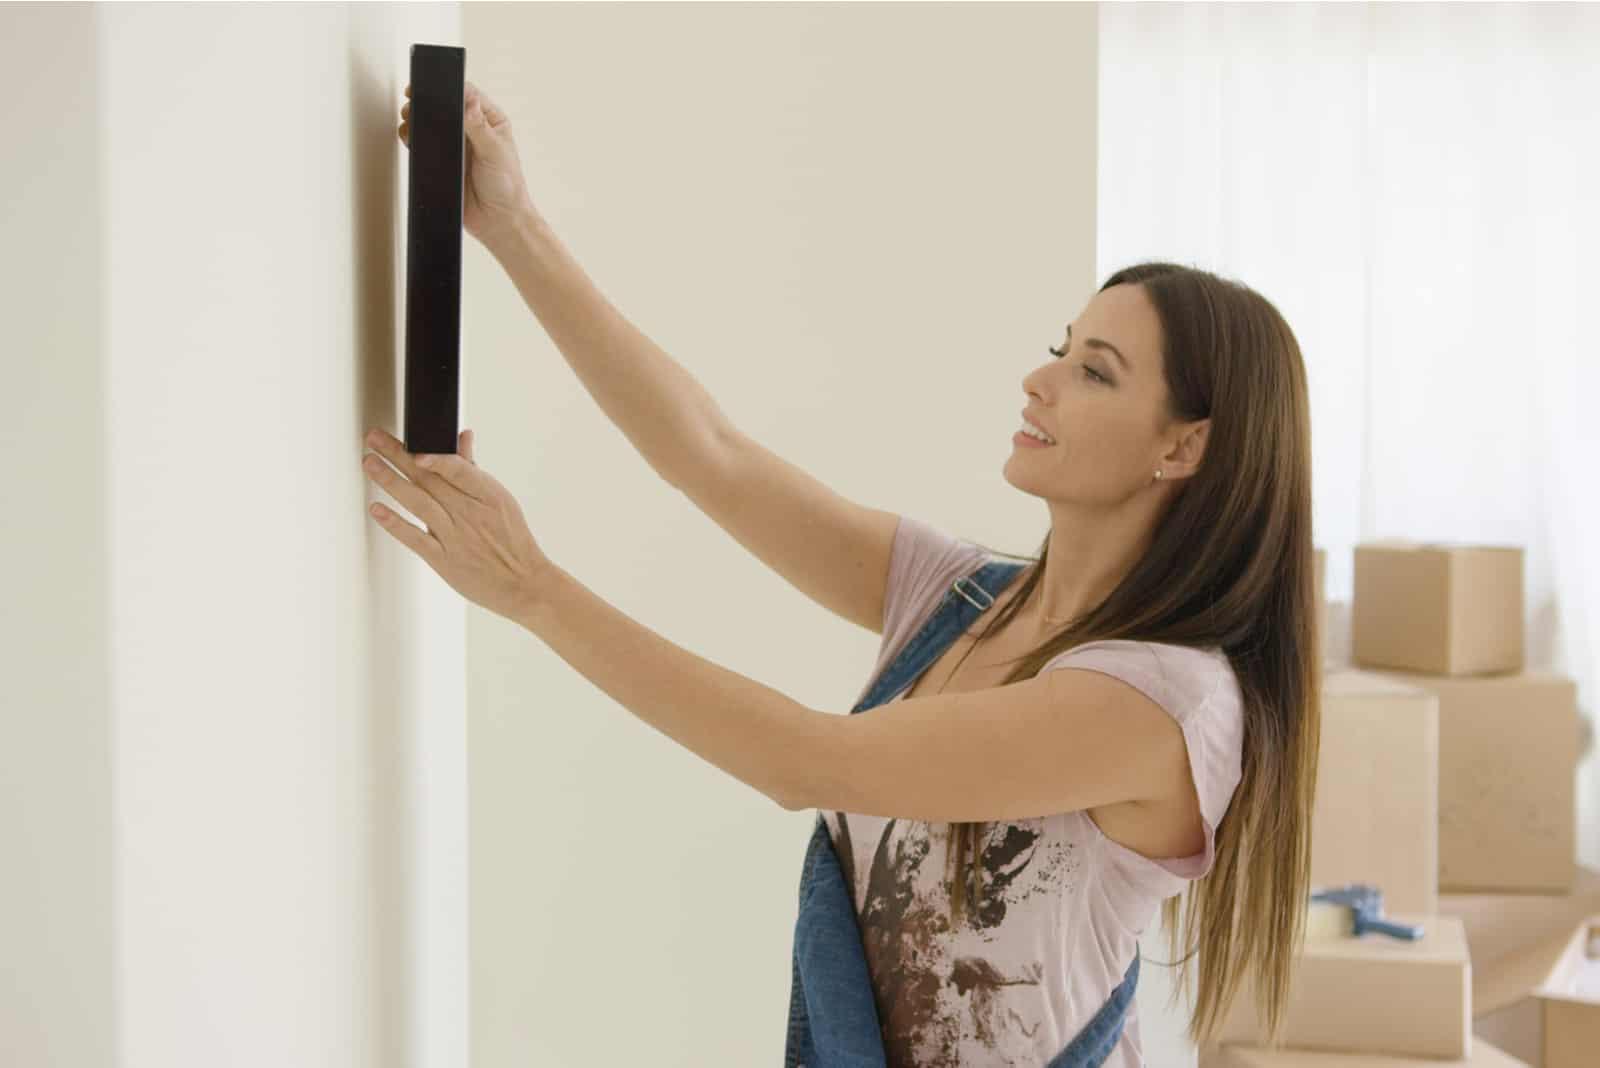 une femme accroche une photo au mur